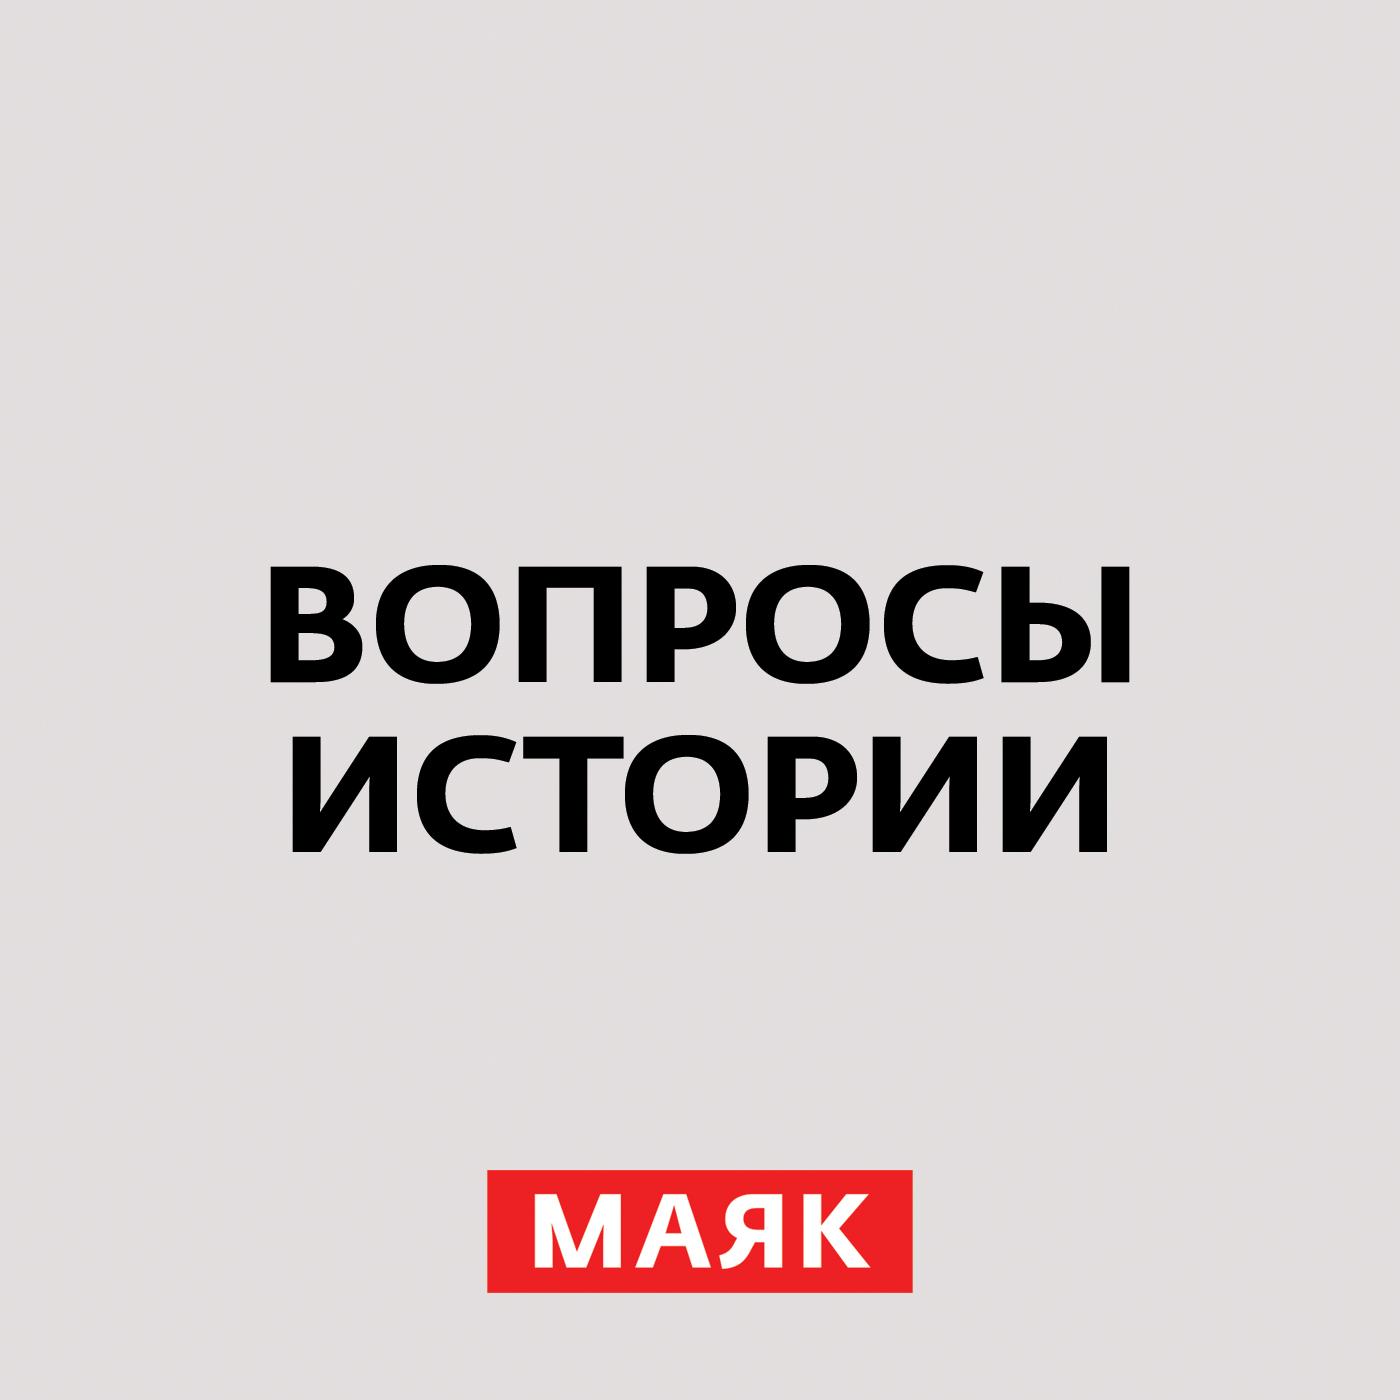 Андрей Светенко Криминальная хроника 30-х годов ничем не отличается от современности андрей светенко 22 июня 1941 года – незаживающая рана истории